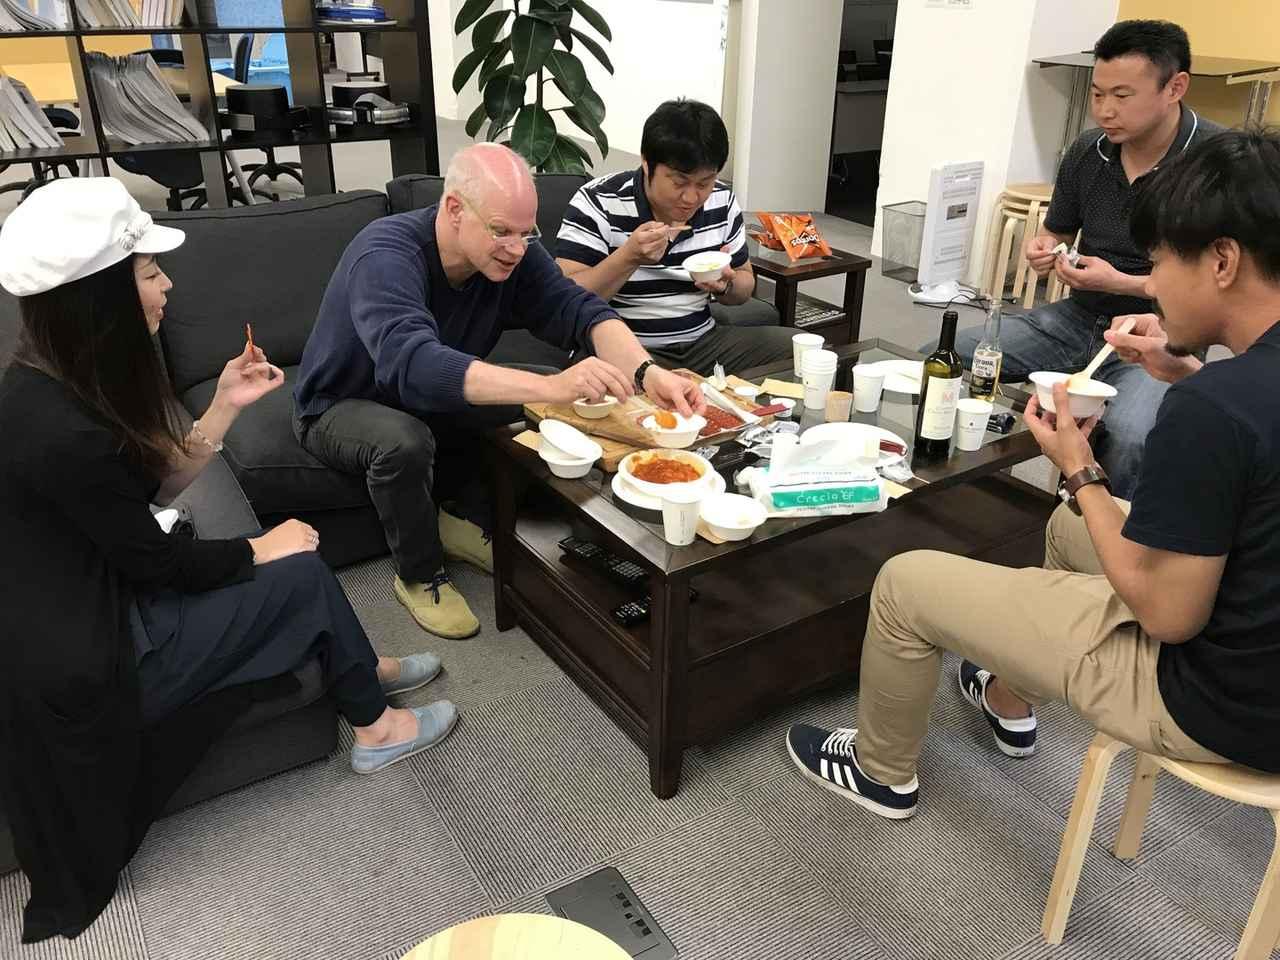 画像: 写真は先週のハッピーフライデーの様子。スチュアート(弊社代表)がエビチリをみんなに取り分けてくれています。